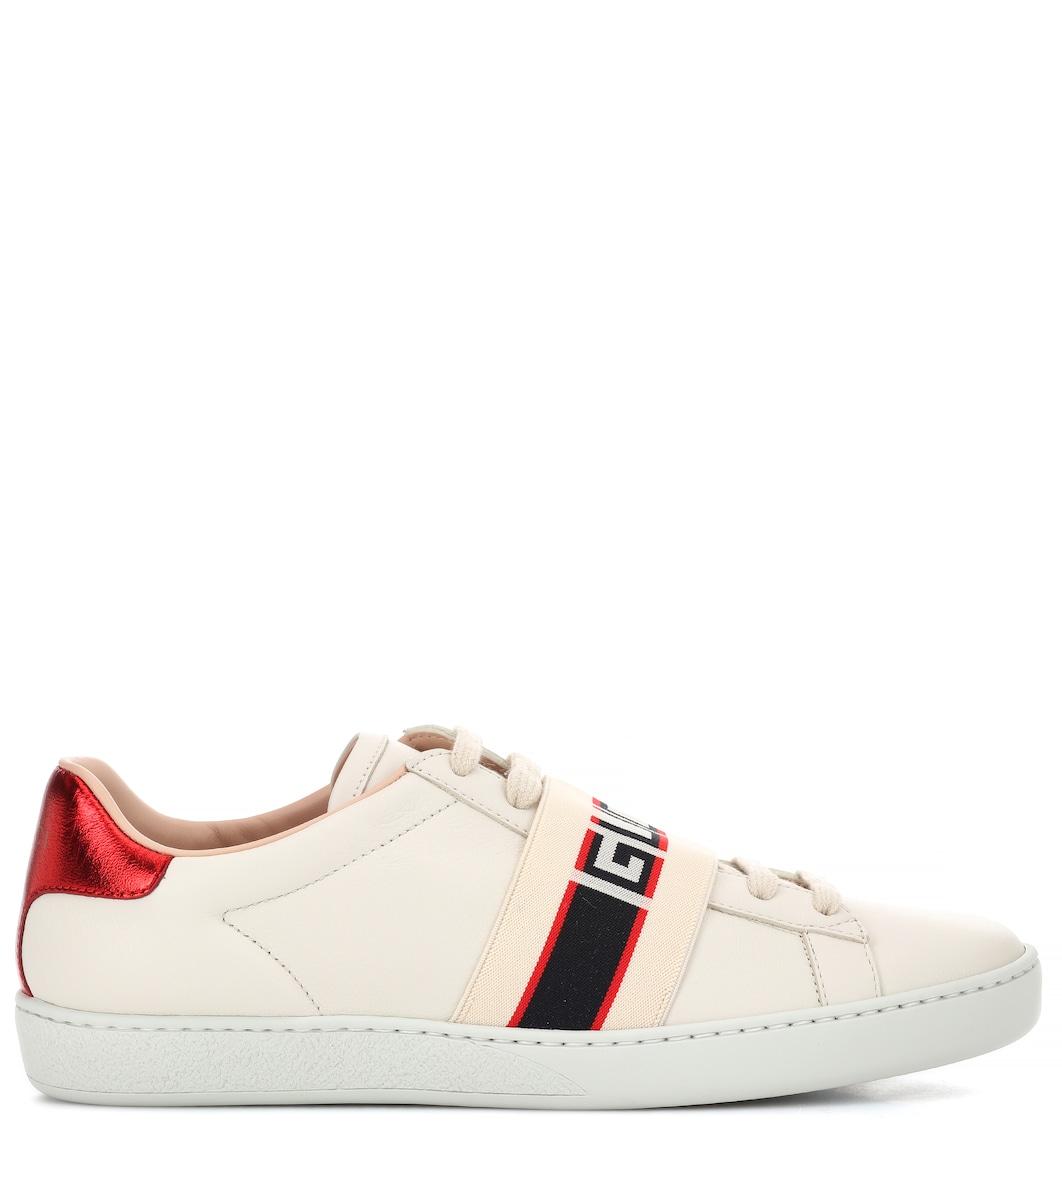 f432b86984 Zapatillas De Piel Ace - Gucci